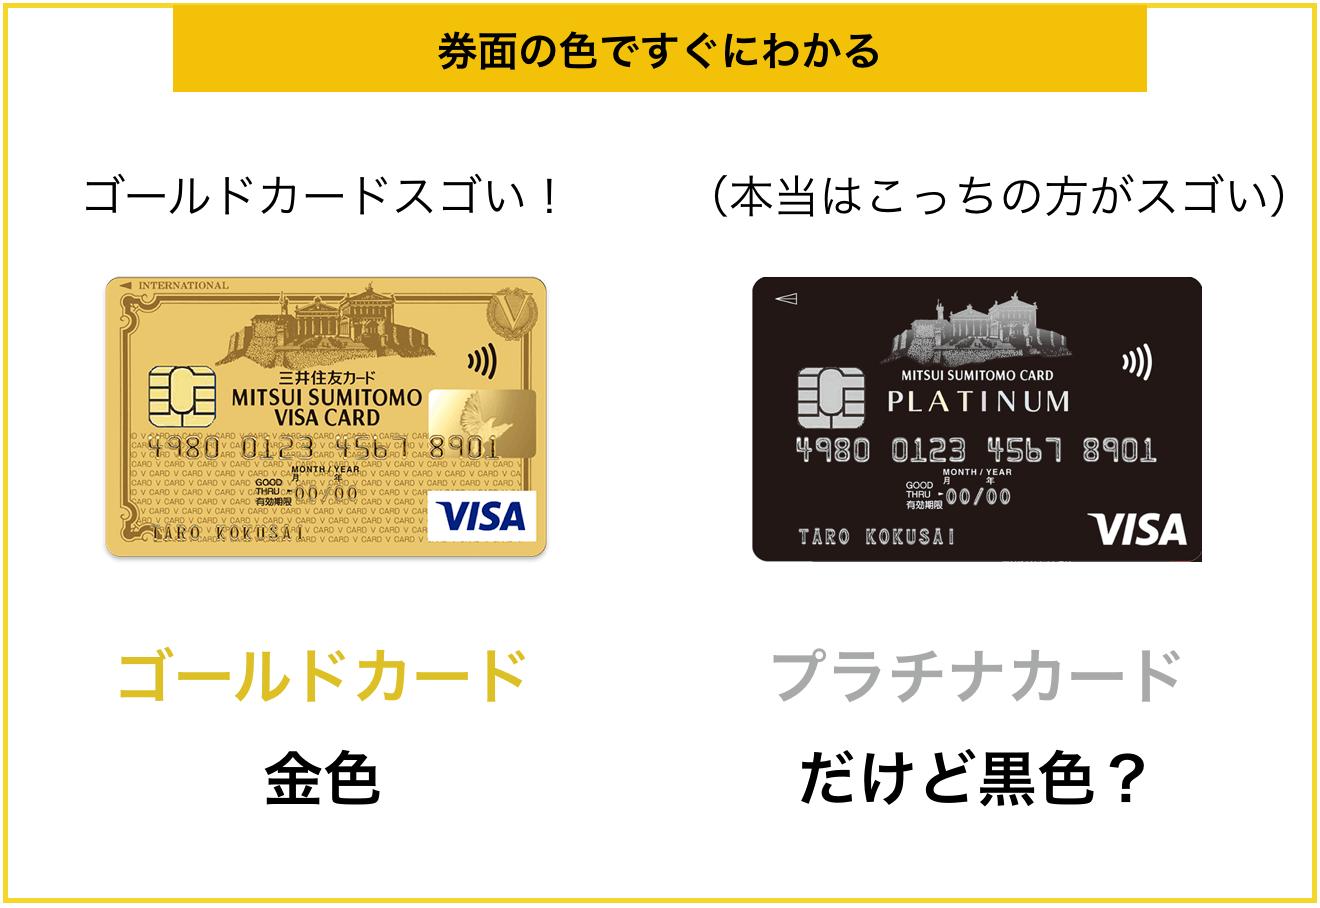 ゴールドカードは券面でステータスがわかりやすい